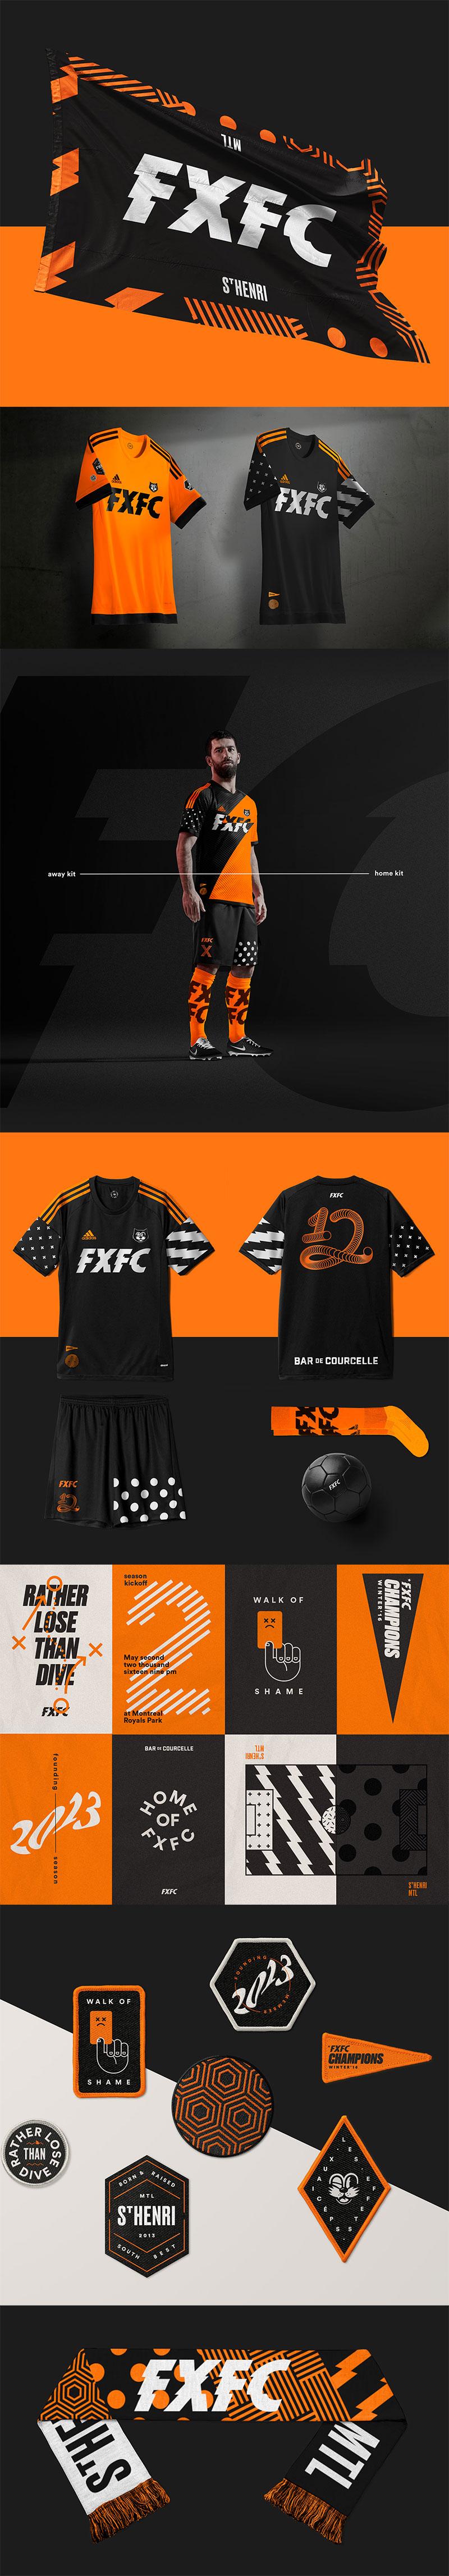 Club de fútbol FXFC por Philippe Cossette